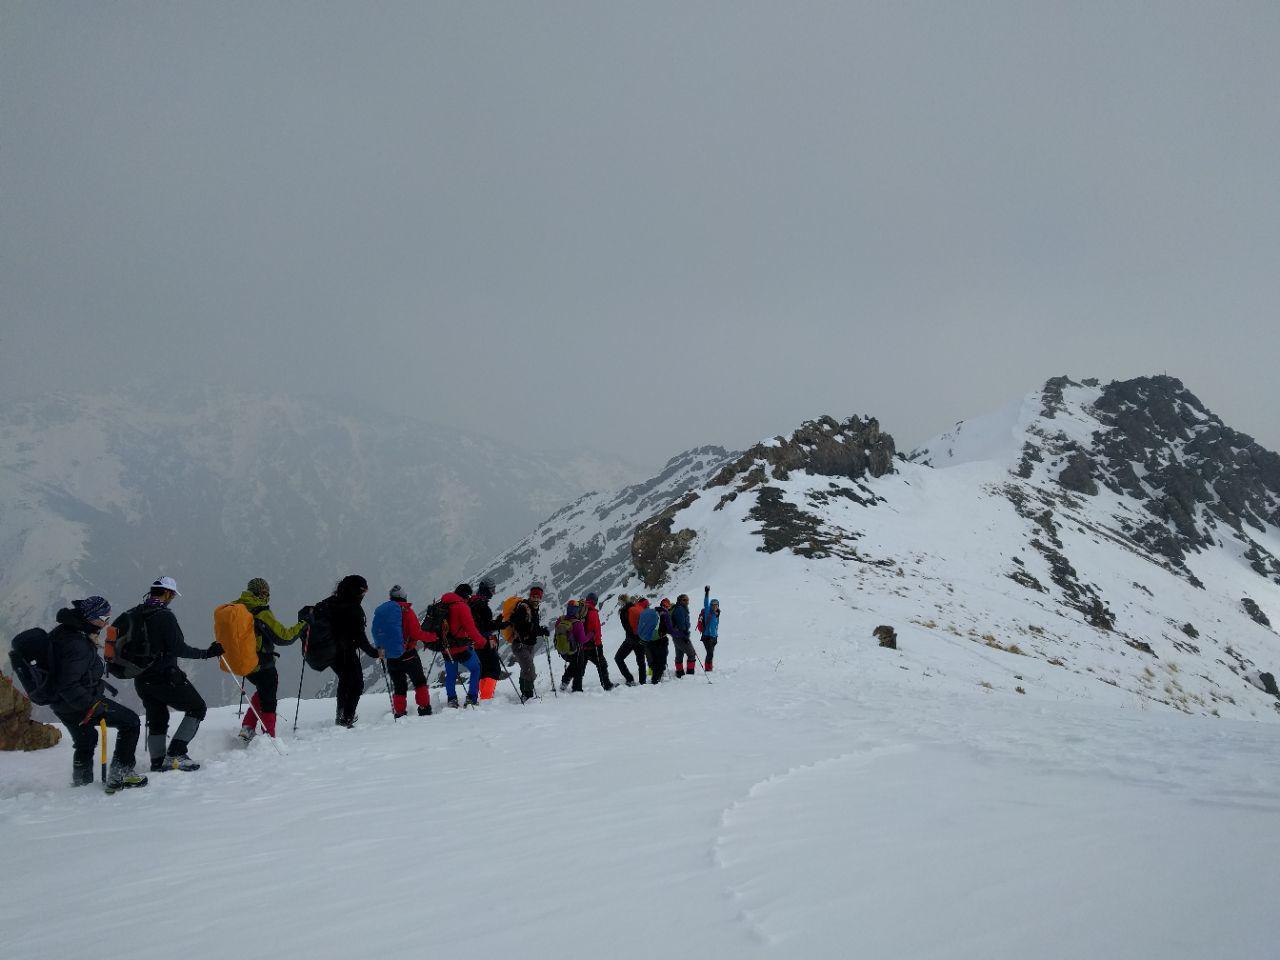 برنامه کارگروه کوهپیمایی باشگاه کوهنوردی و اسکی دماوند